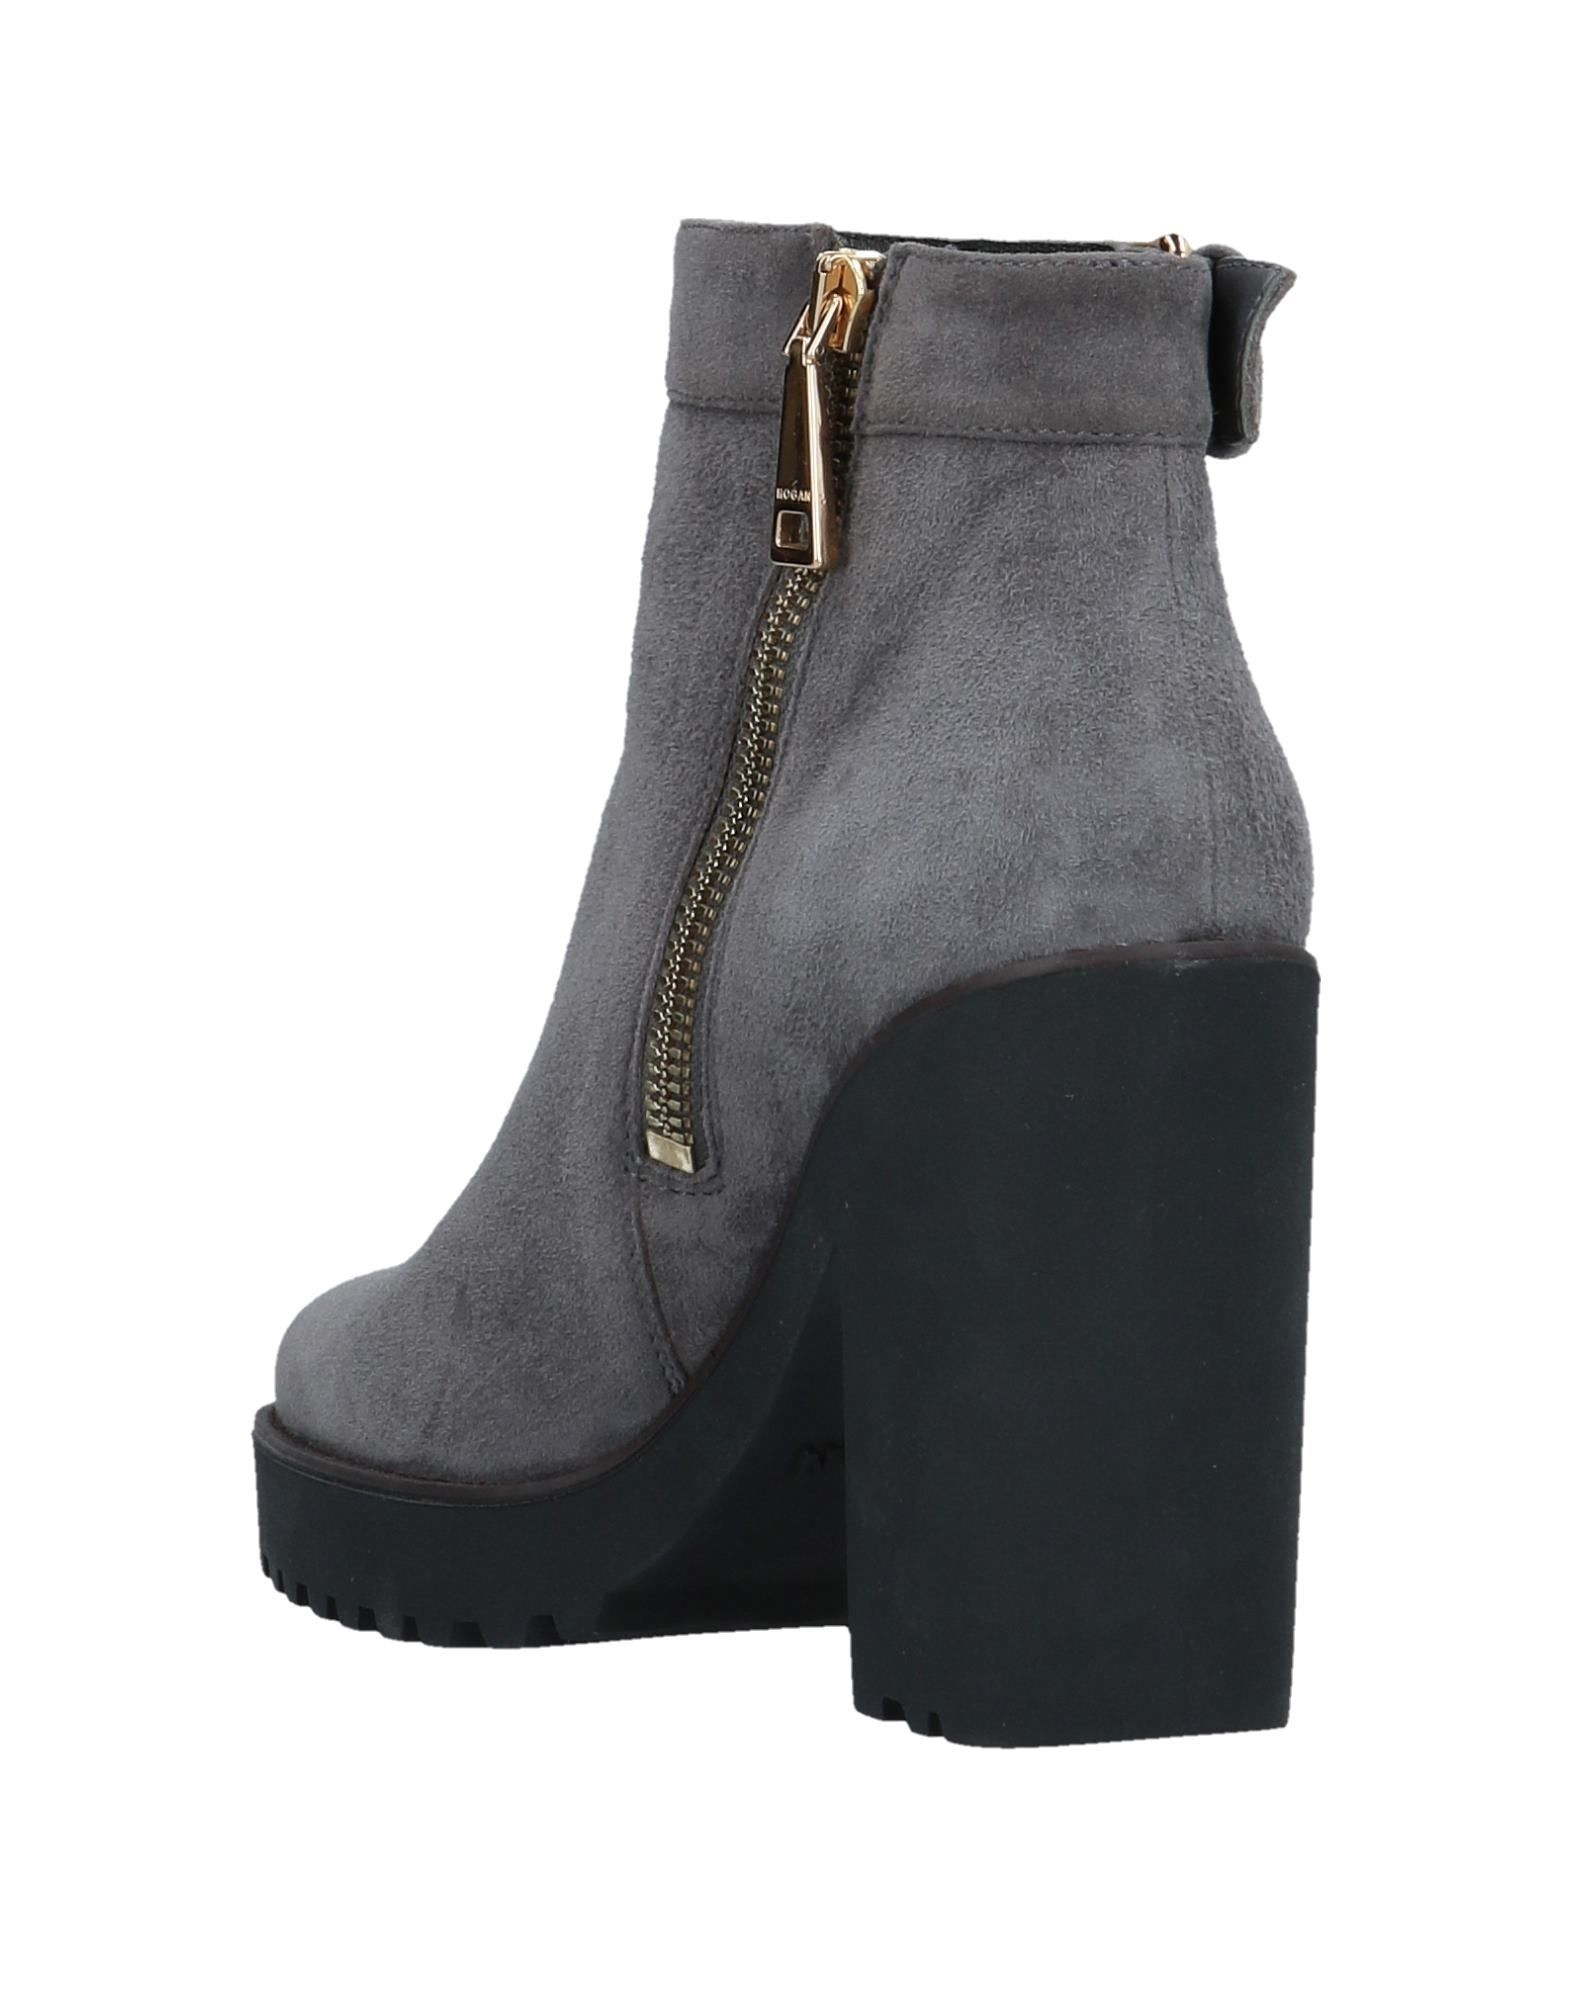 Hogan Stiefelette Damen aussehende  11537258LRGünstige gut aussehende Damen Schuhe a622c3